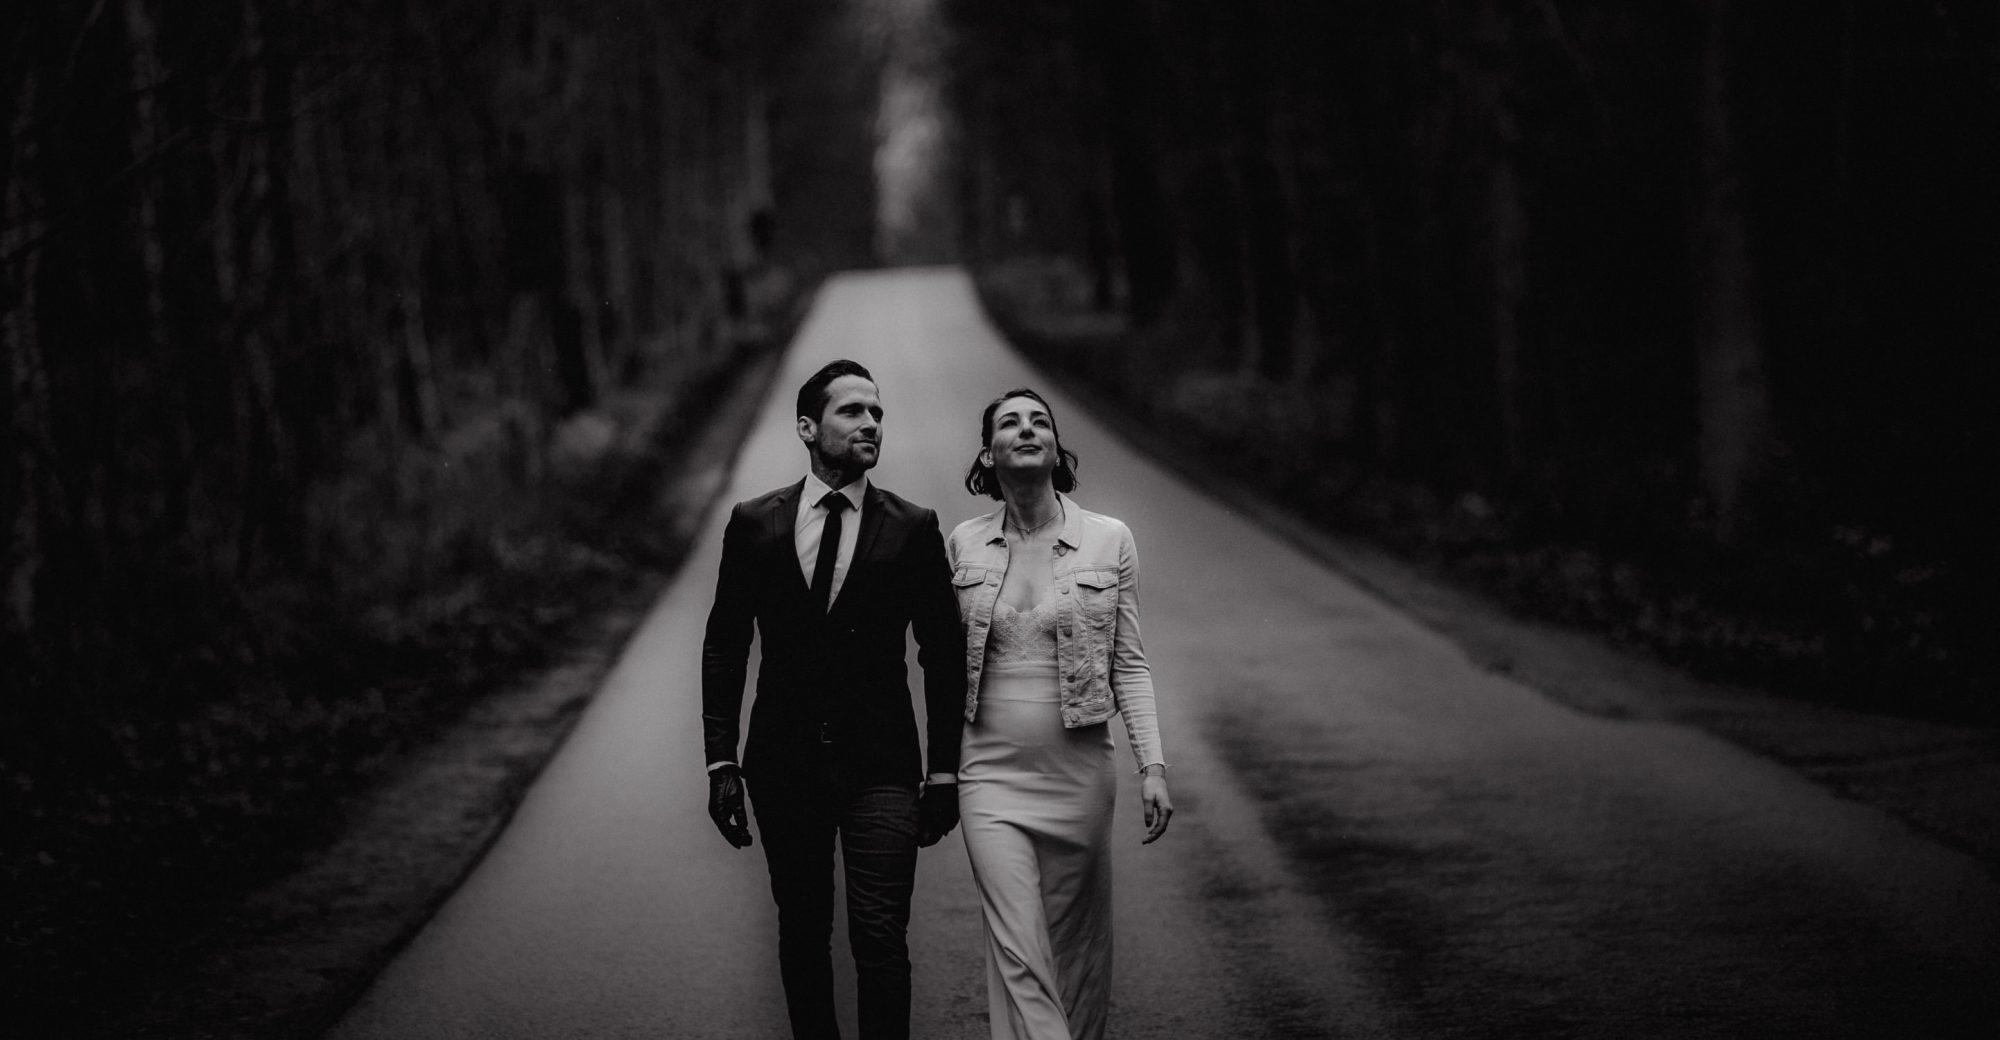 bester Hochzeitsfotograf in Potsdam, Brandenburg und Berlin